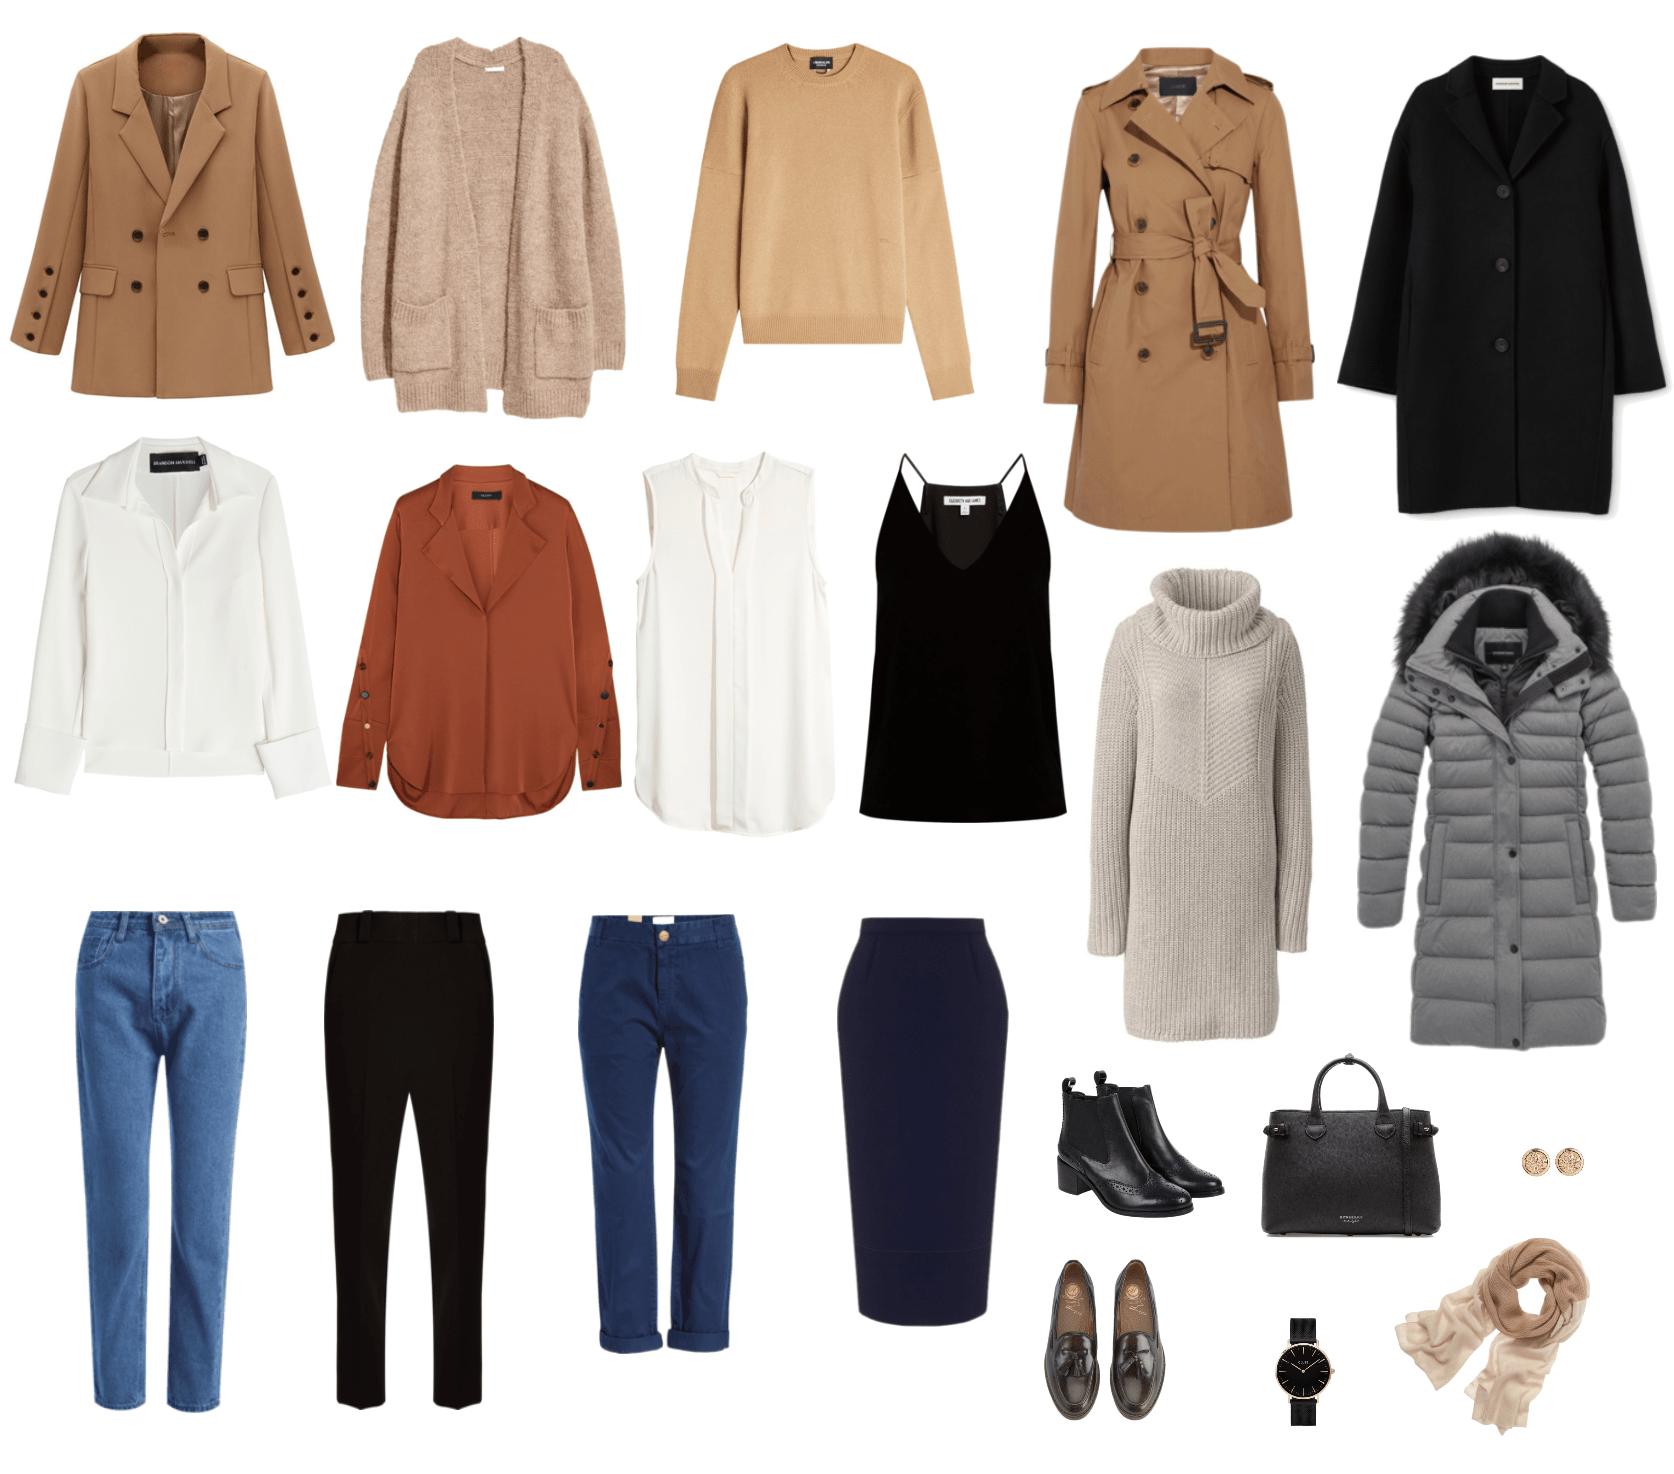 Джинсы для базового гардероба подбираются исключительно индивидуально – в зависимости от того, какие джинсы хорошо сидят на вашей фигуре.